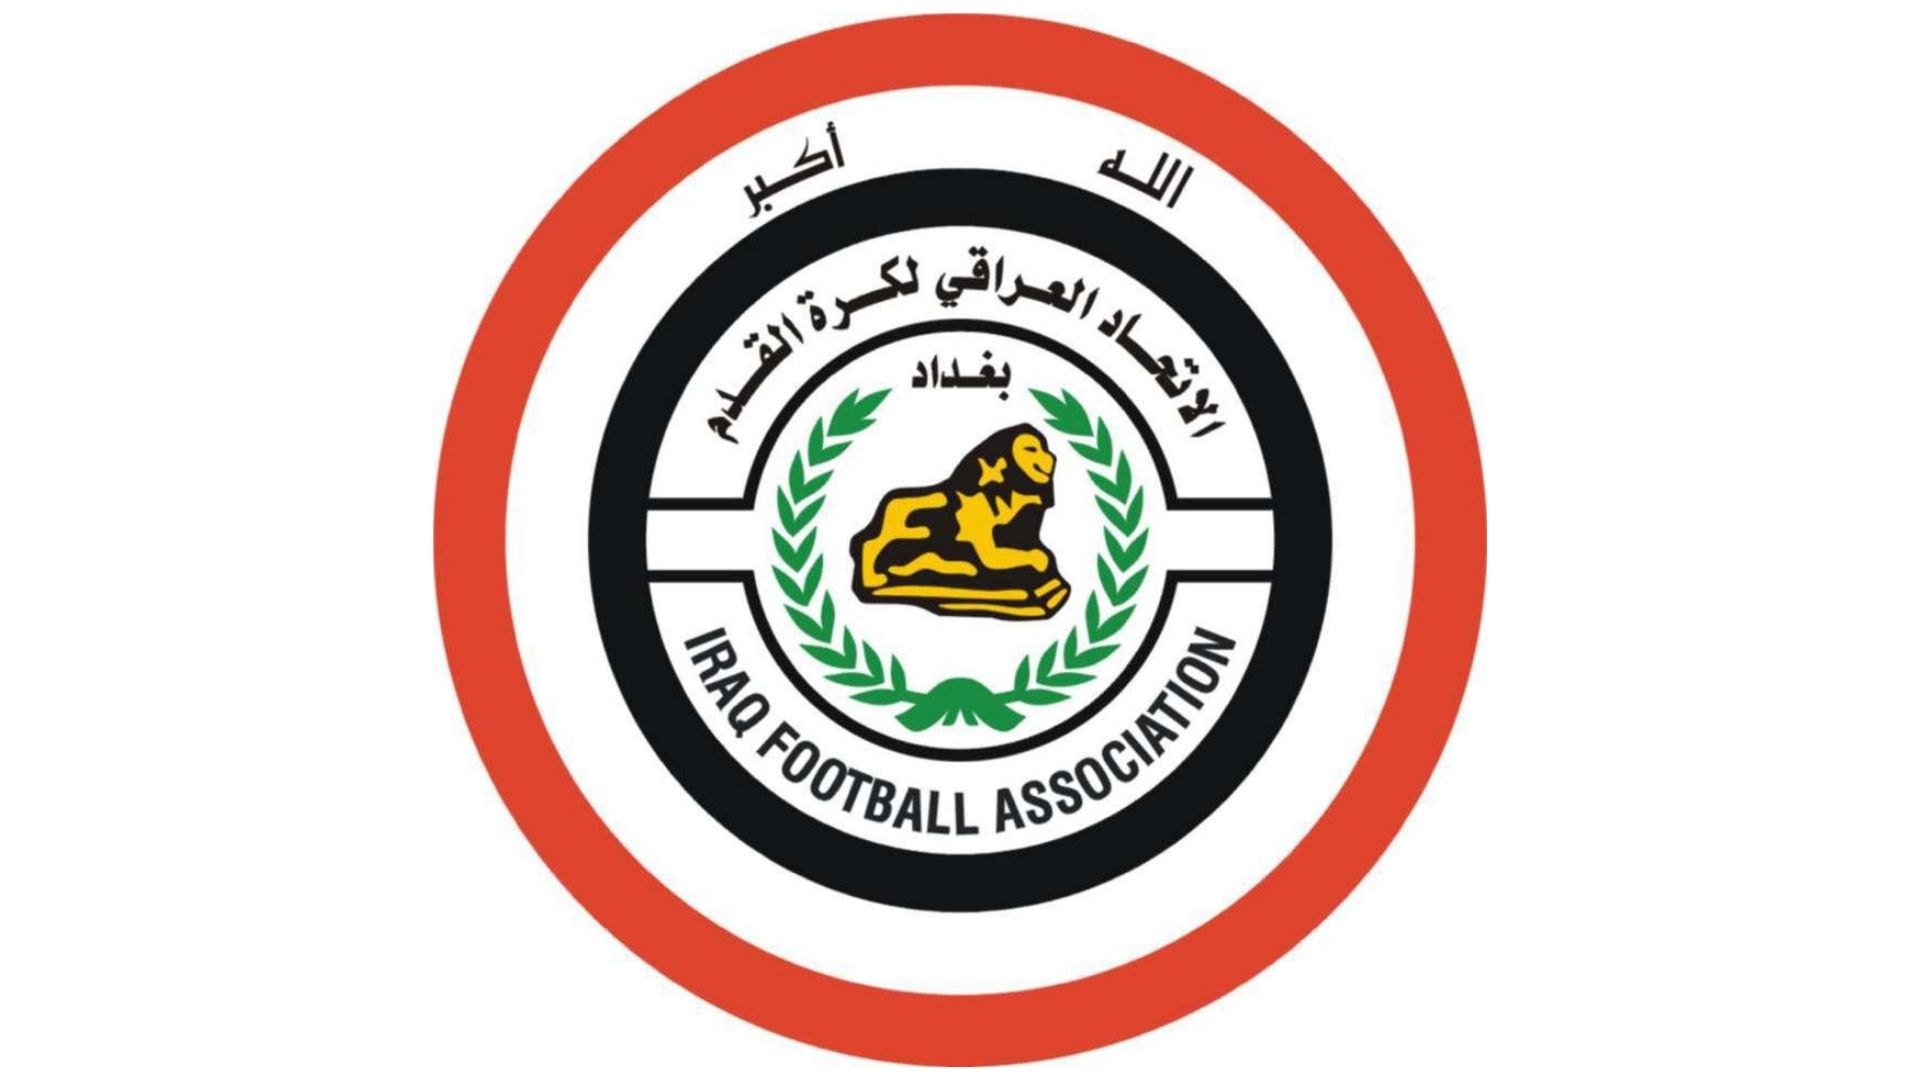 الفيفا يشكل هيئة مؤقتة لإدارة الاتحاد العراقي